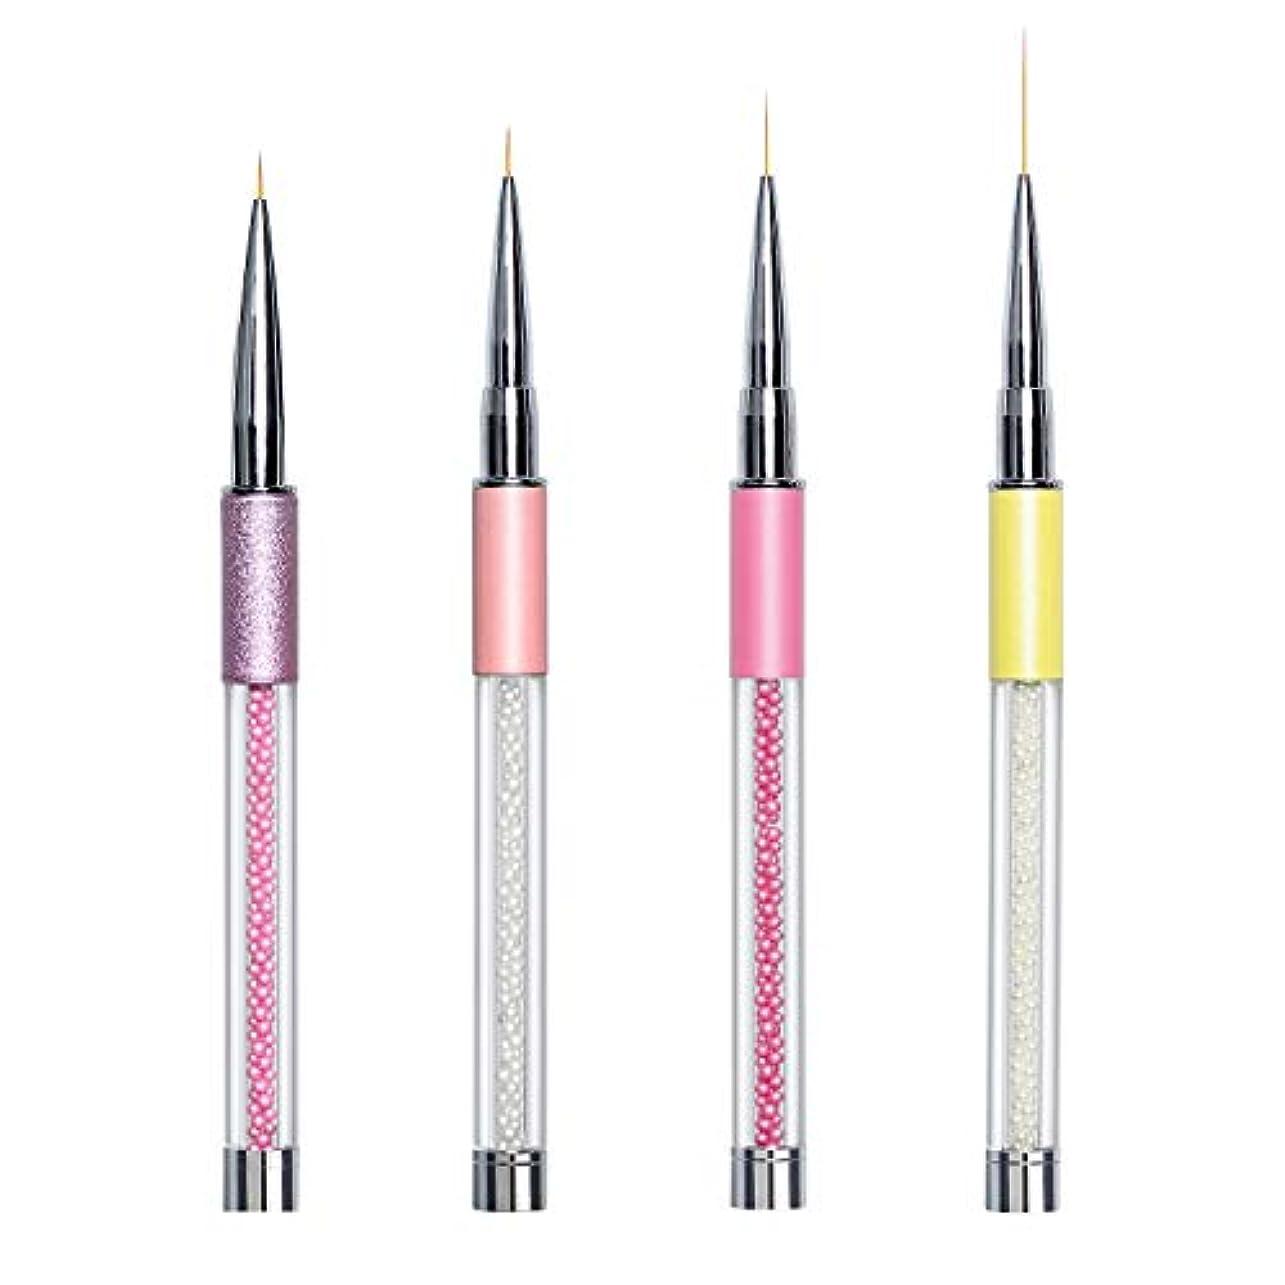 ランクゲージ装備するZhichengbosi ネールアートペン.ネールブラシセット マニキュアツールキット 高品質 ネイルデザイン ドットペン 4本セット(細いセット)